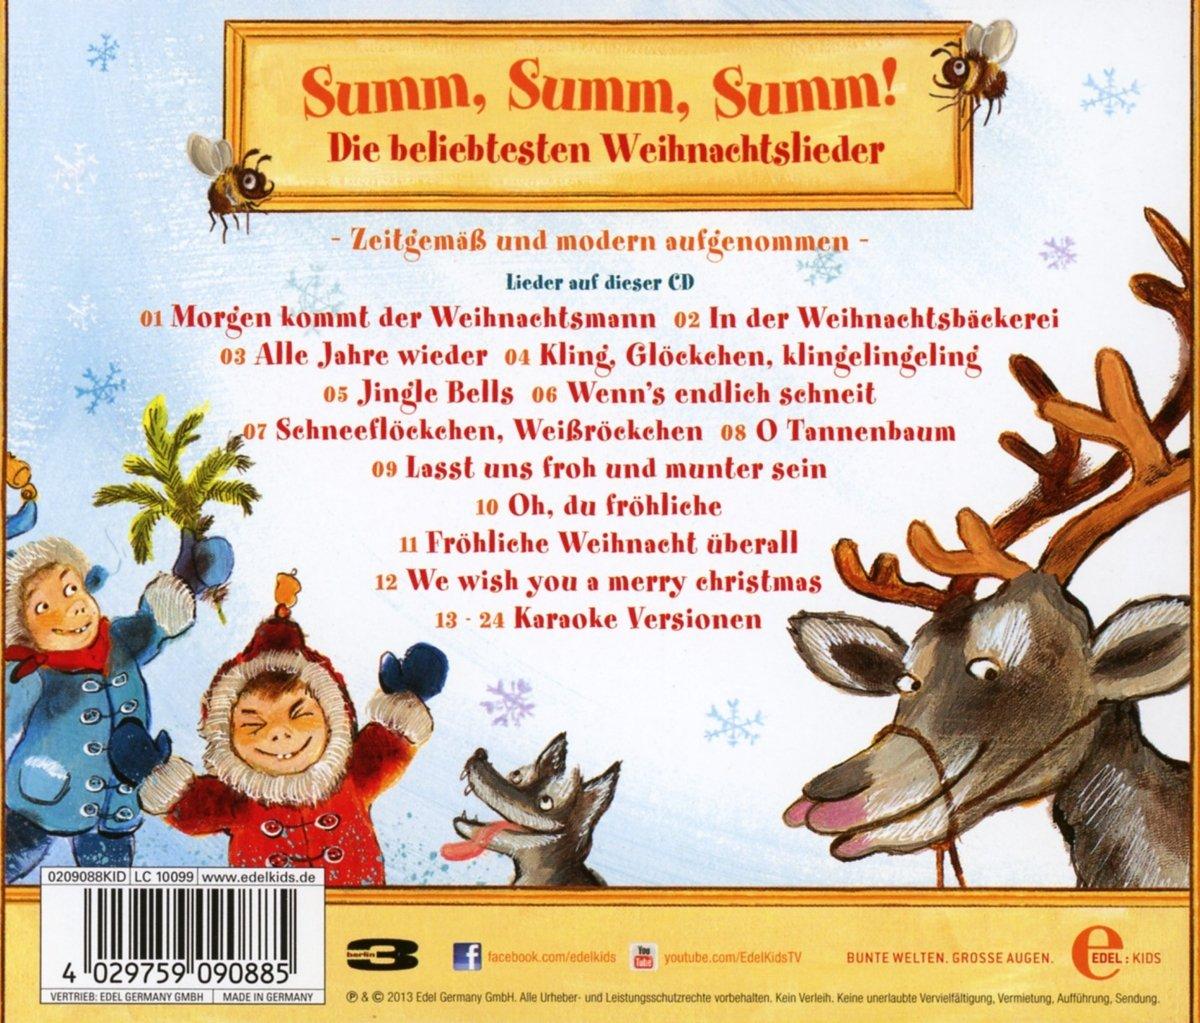 Summ Summ Summ! - Die beliebtesten Weihnachtslieder - Various ...